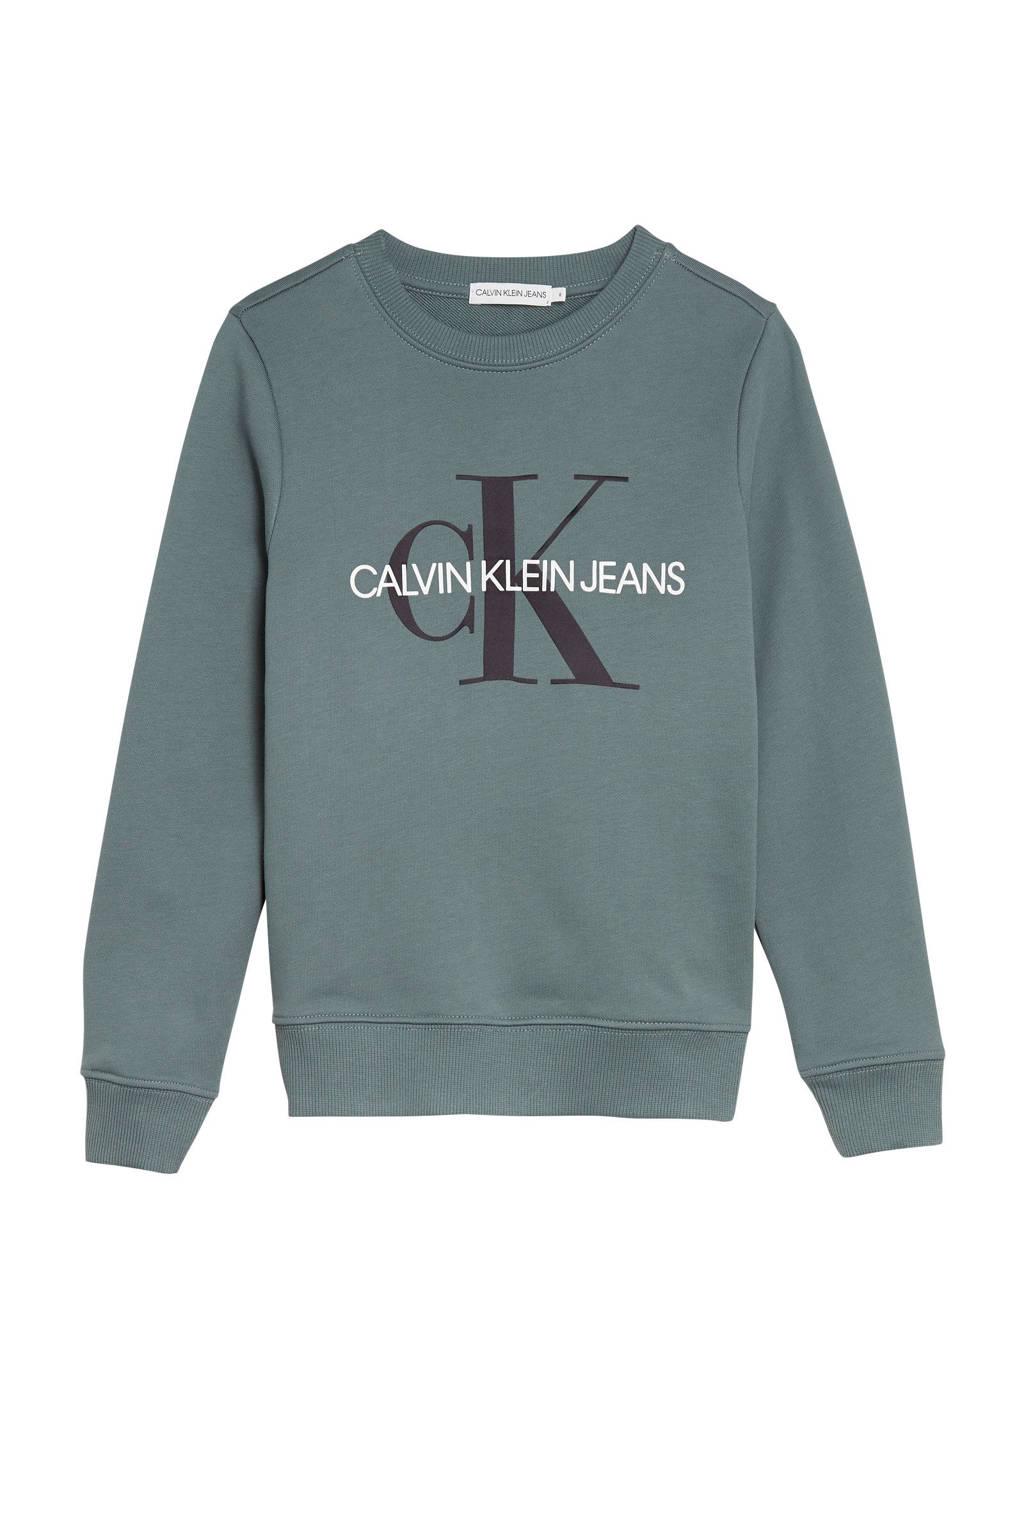 CALVIN KLEIN JEANS sweater met logo grijsblauw/zwart/wit, Grijsblauw/zwart/wit